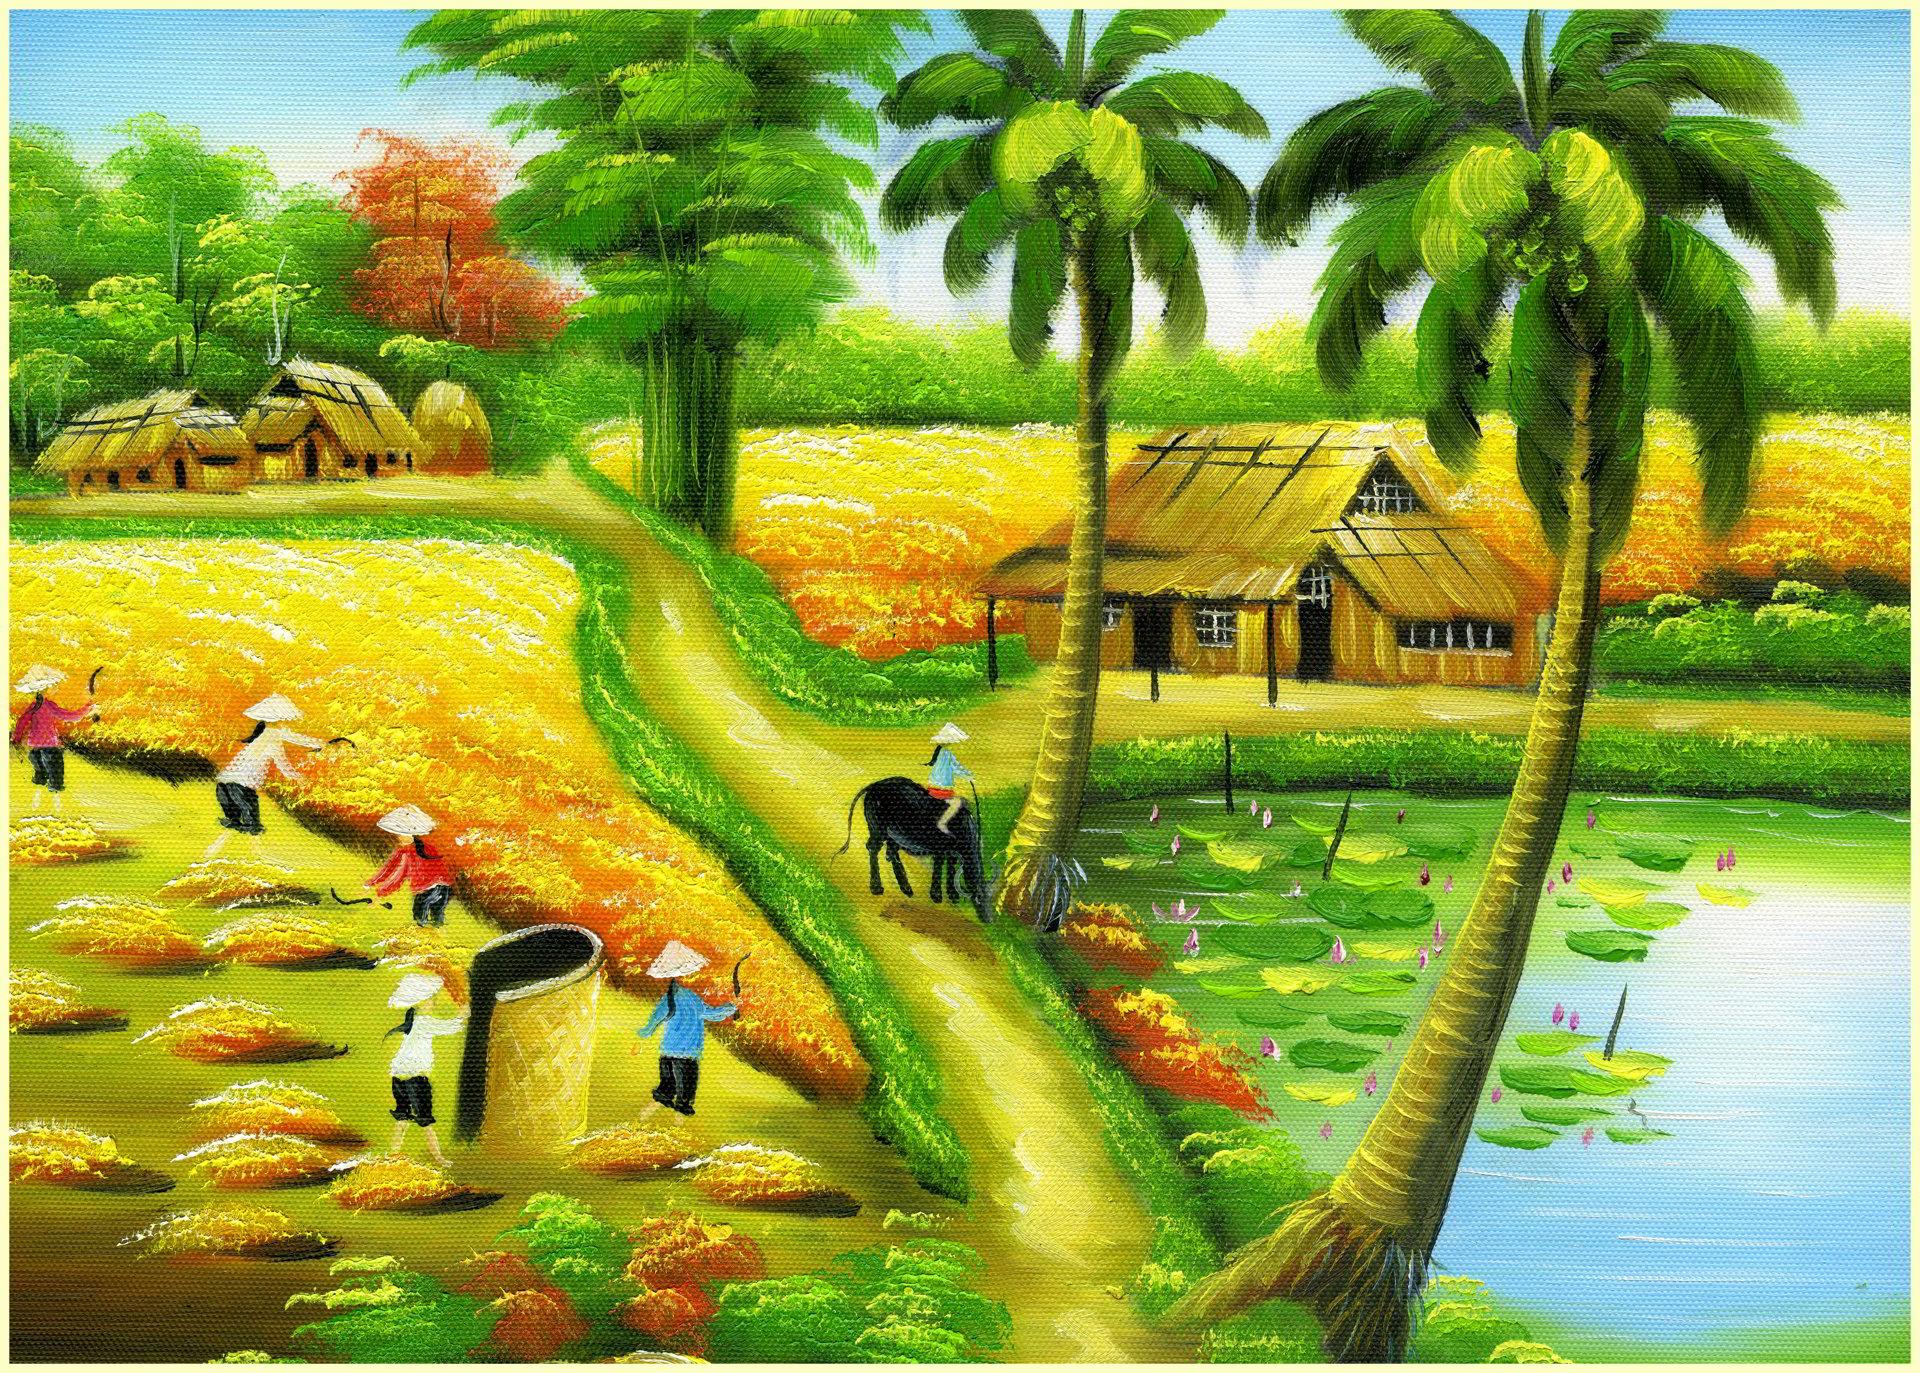 tải ảnh làng quê đẹp